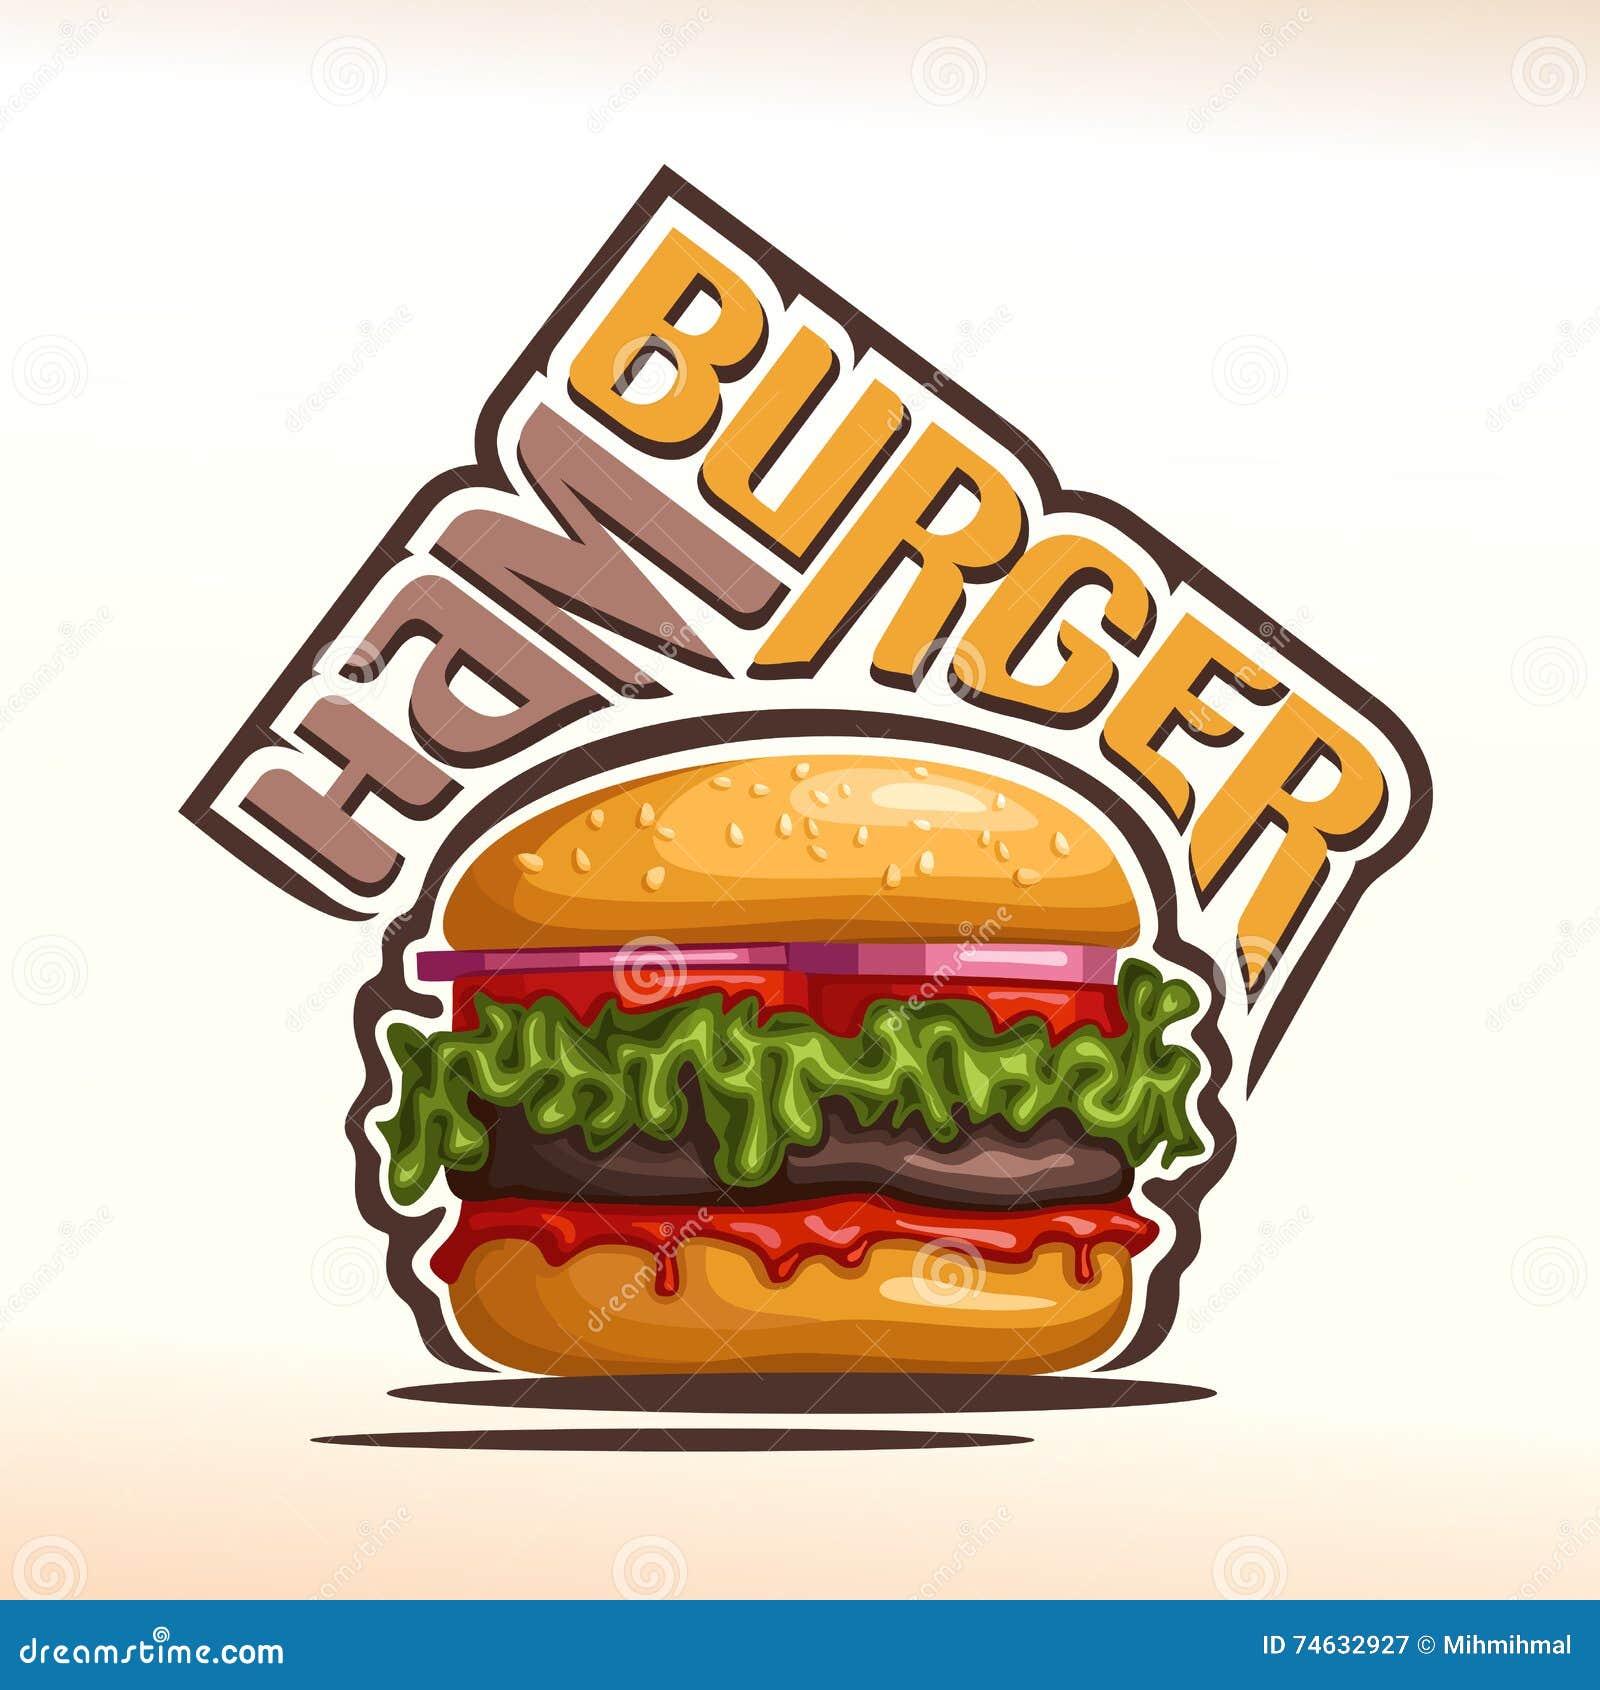 vector logo for hamburger stock vector illustration of